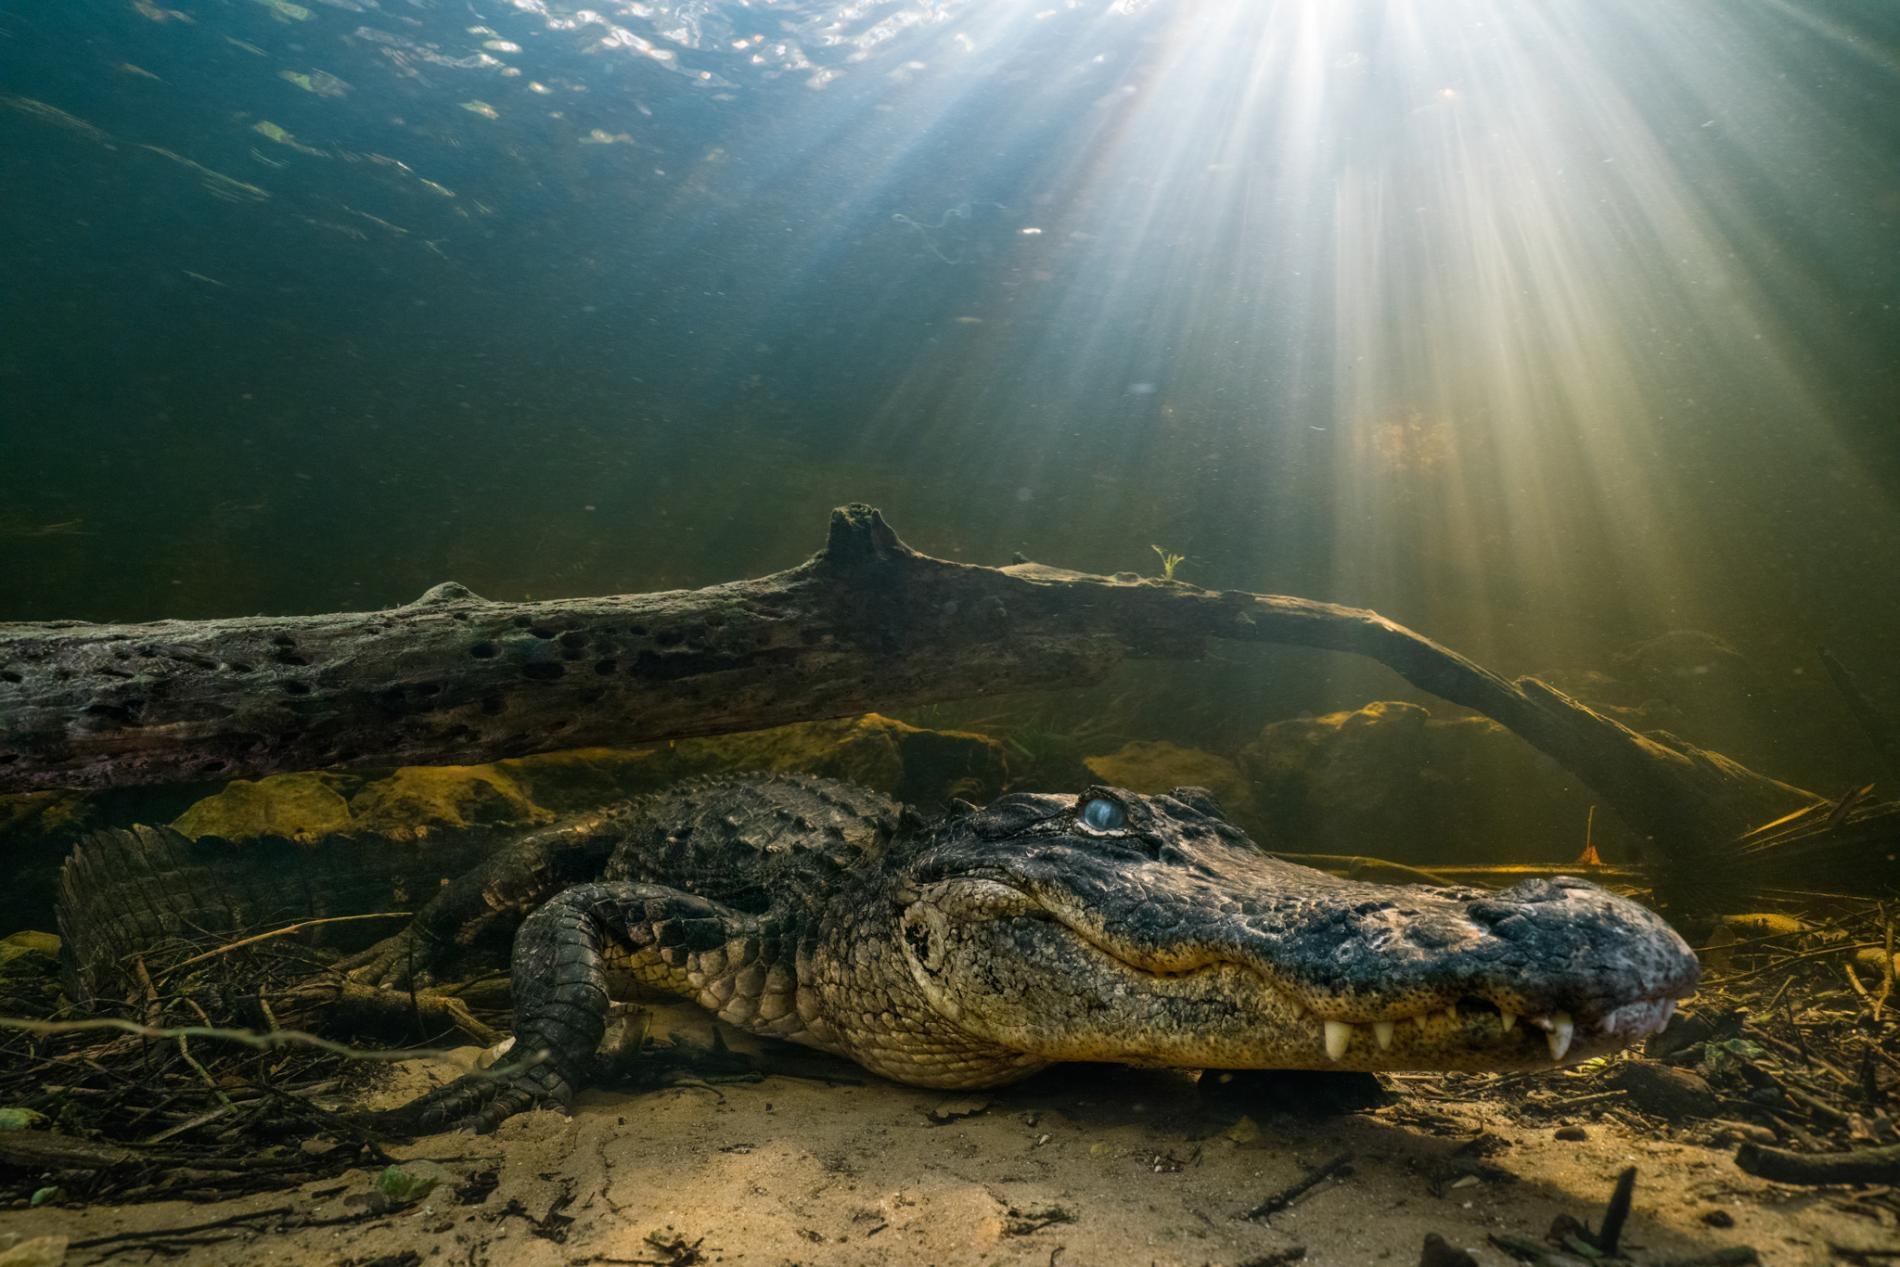 幼年時期的美洲短吻鱷很弱小,是鳥類、浣熊和其他短吻鱷的獵物。有一項研究發現,牠們的尾巴可以部份再生,而尾巴對行動能力至關重要。PHOTOGRAPH BY KEITH LADZINSKI